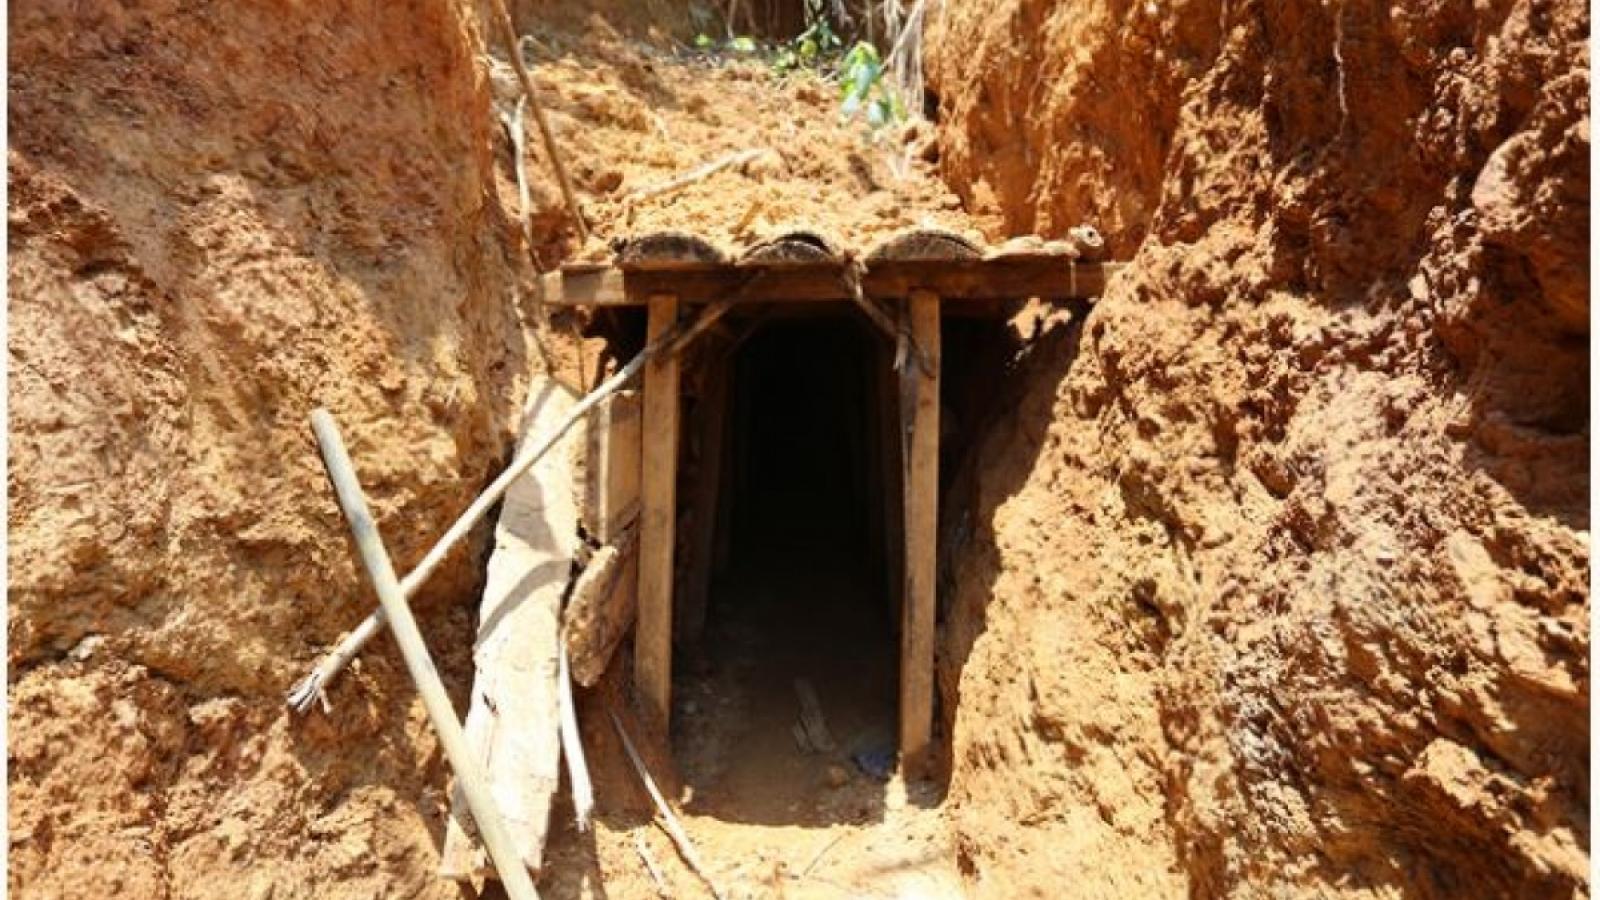 Cao Bằng tạm dừng tìm kiếm người mất tích do đường vào hang bị lấp kín